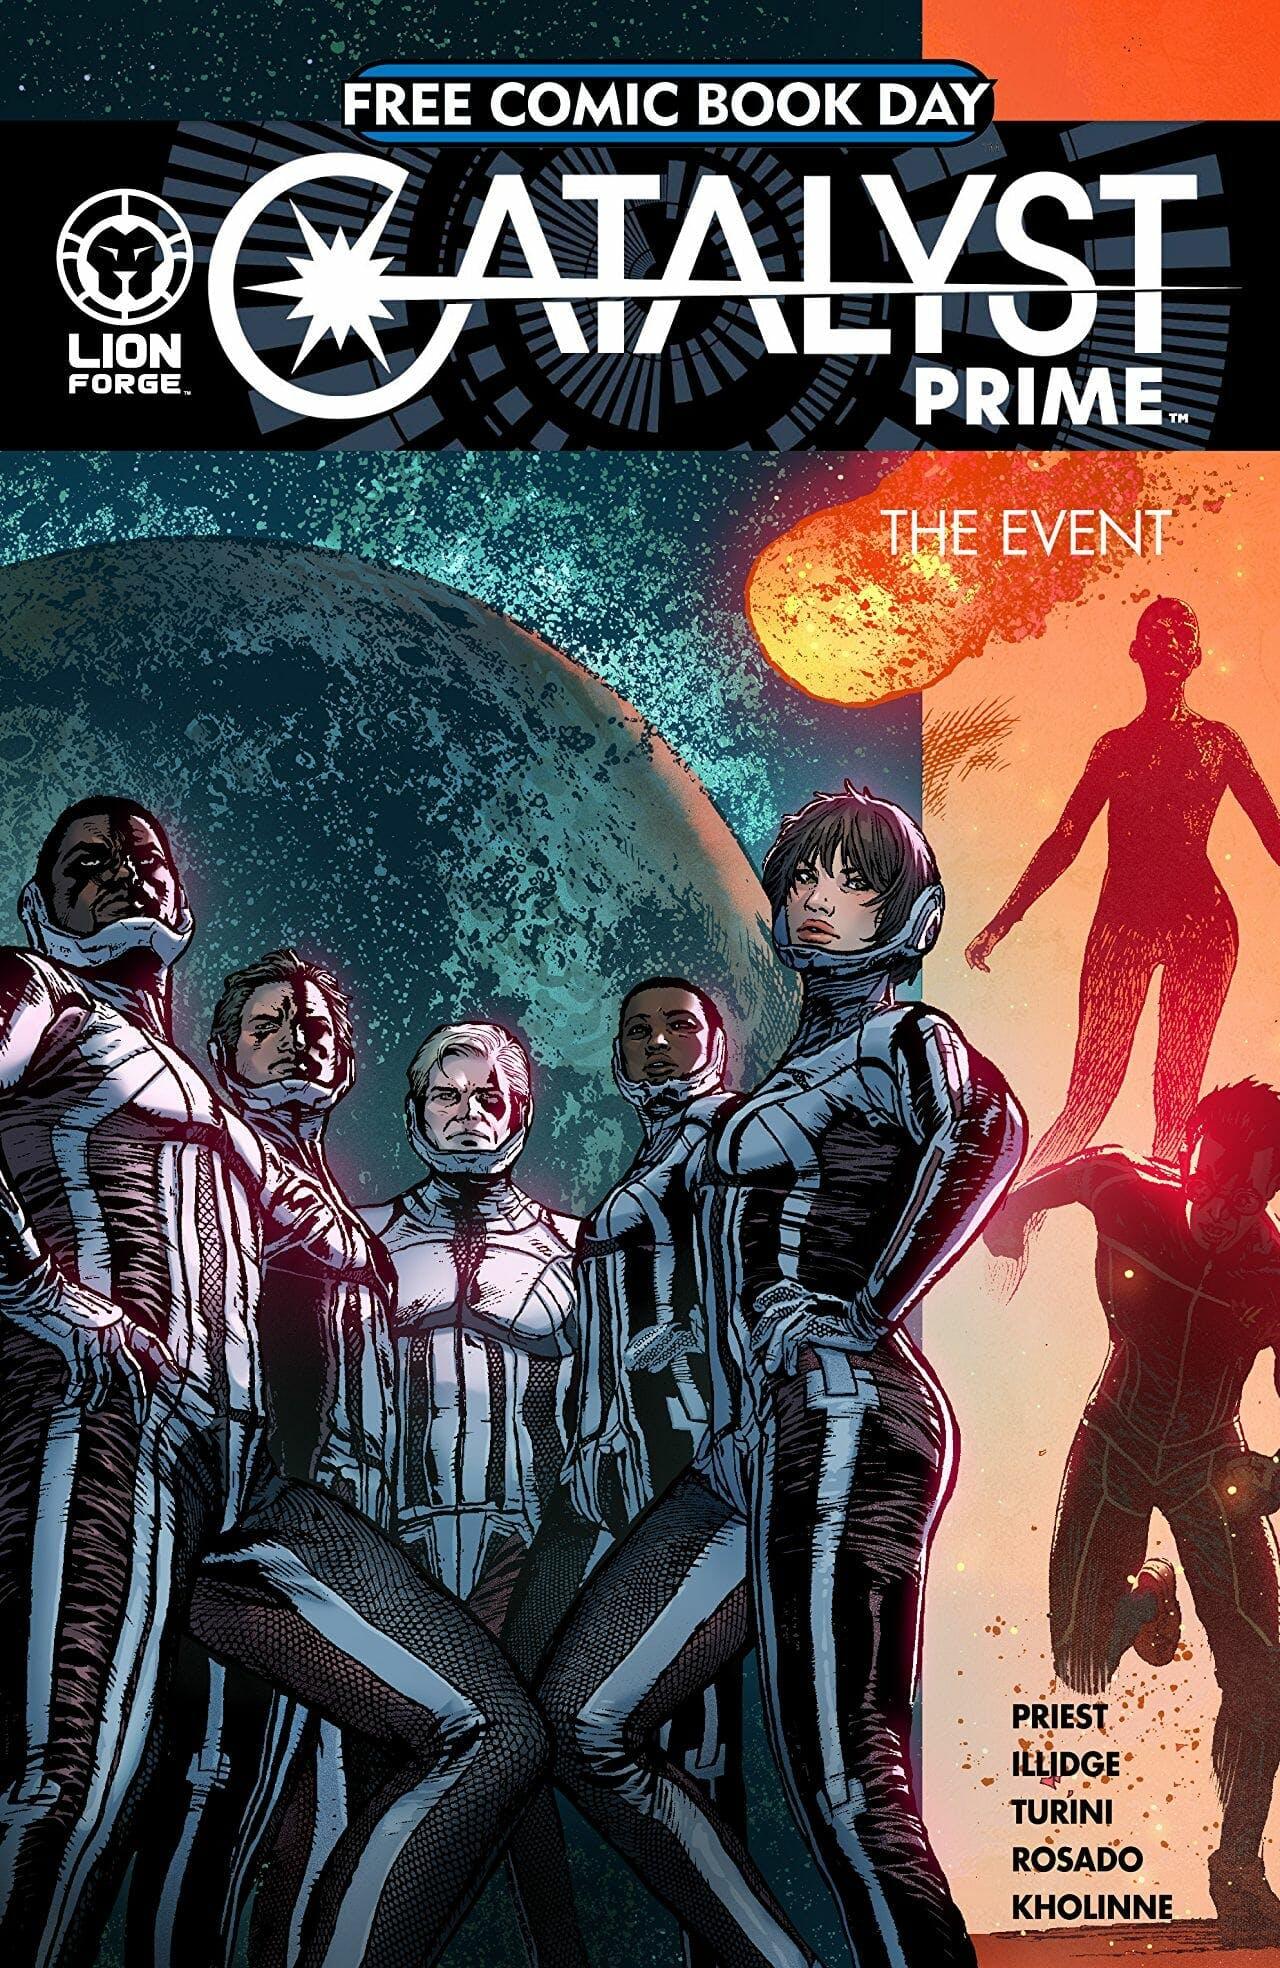 catalyst prime comic